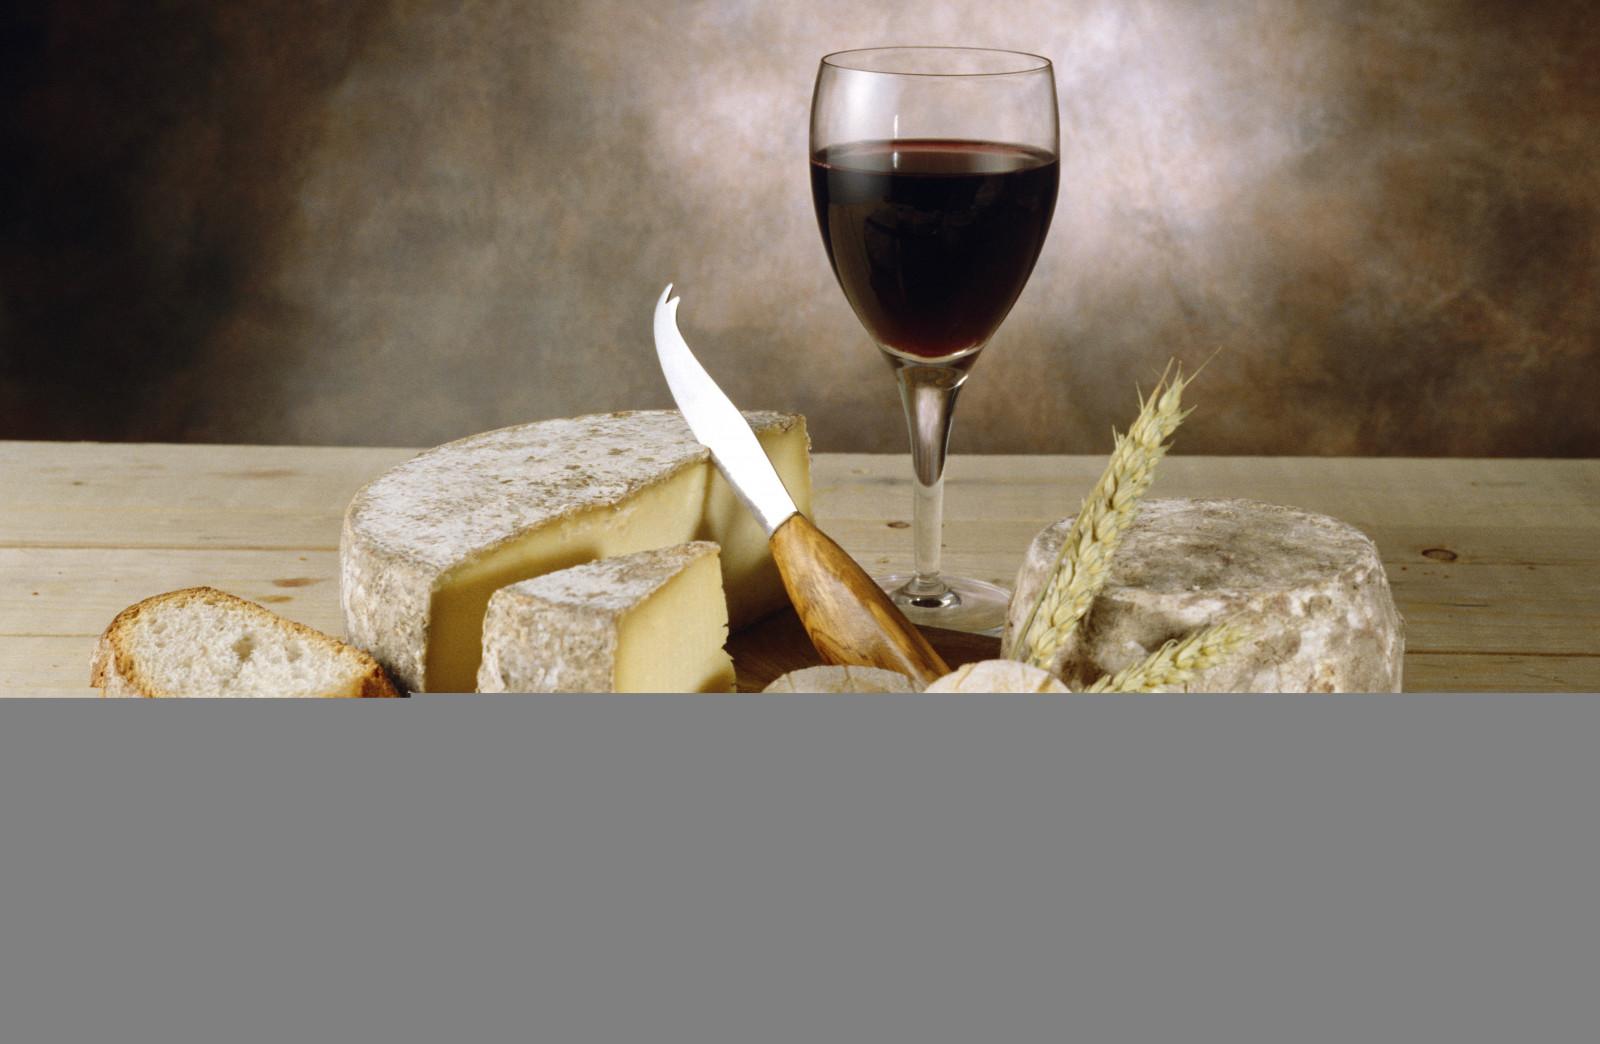 Masaüstü Boyama Ekmek Ahşap Peynir şarap Içki Bardak Bıçak